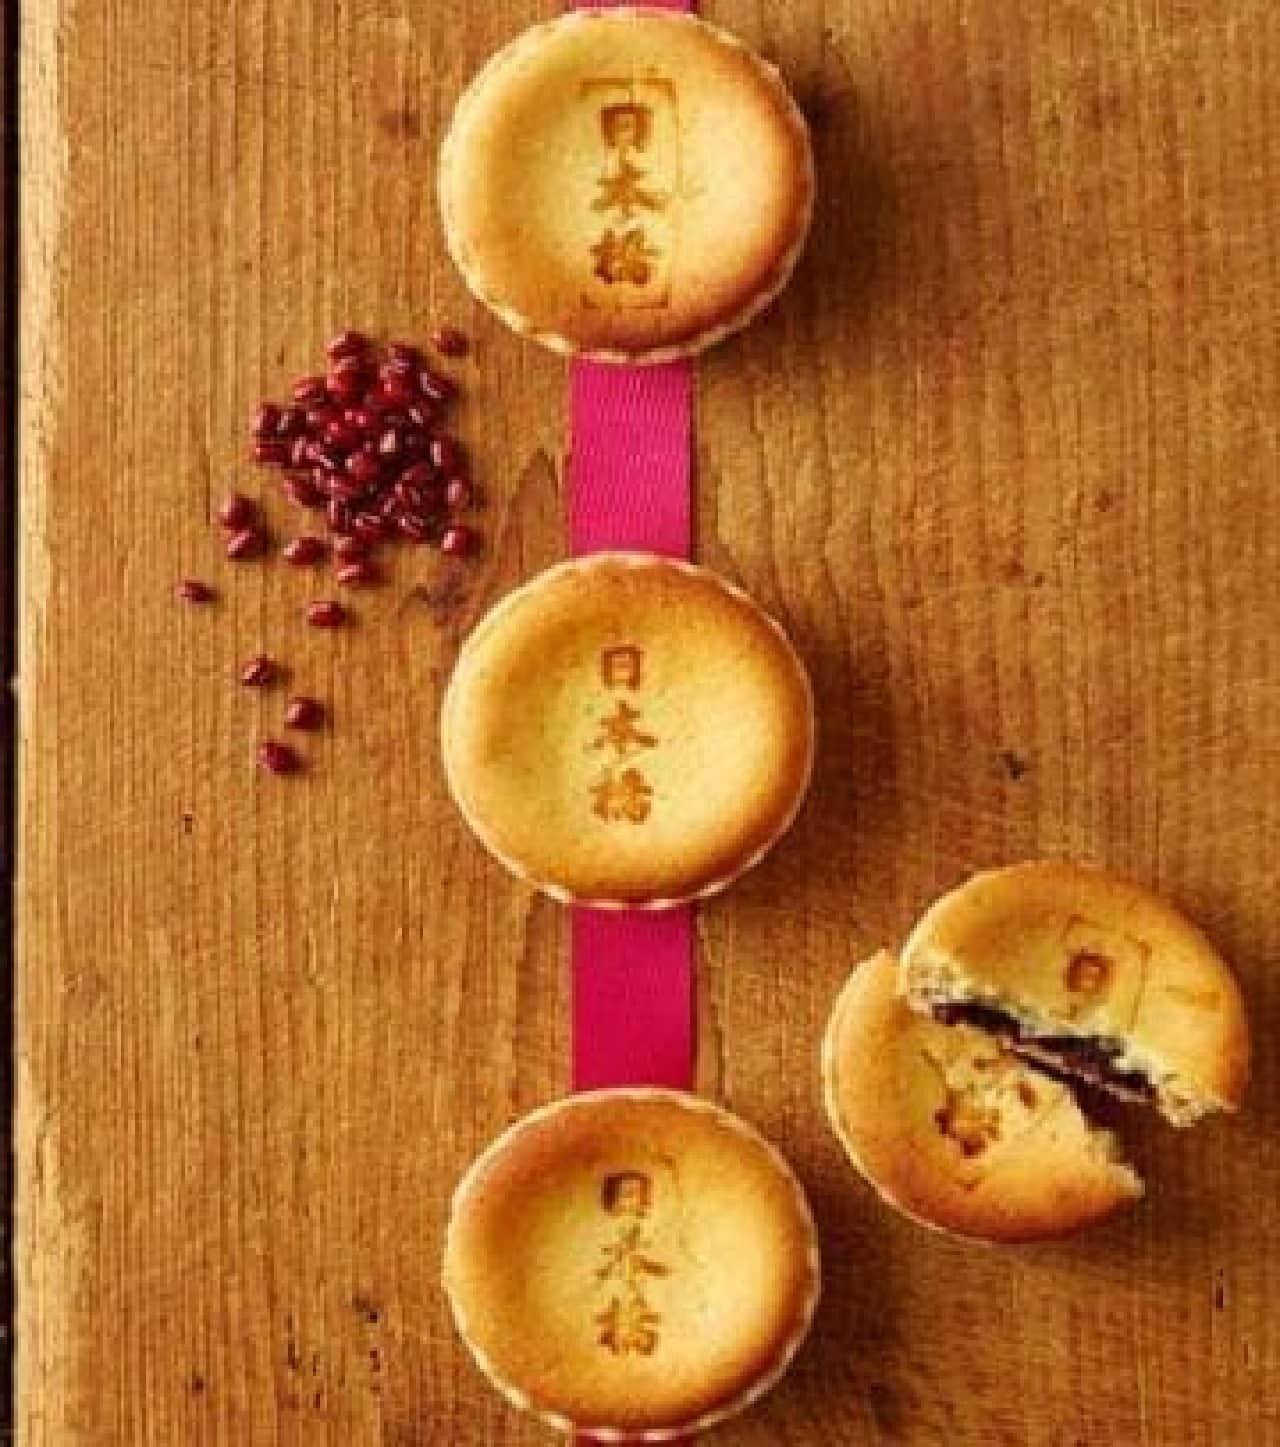 窯だしチーズケーキ「窯だしチーズケーキ(あずき)」